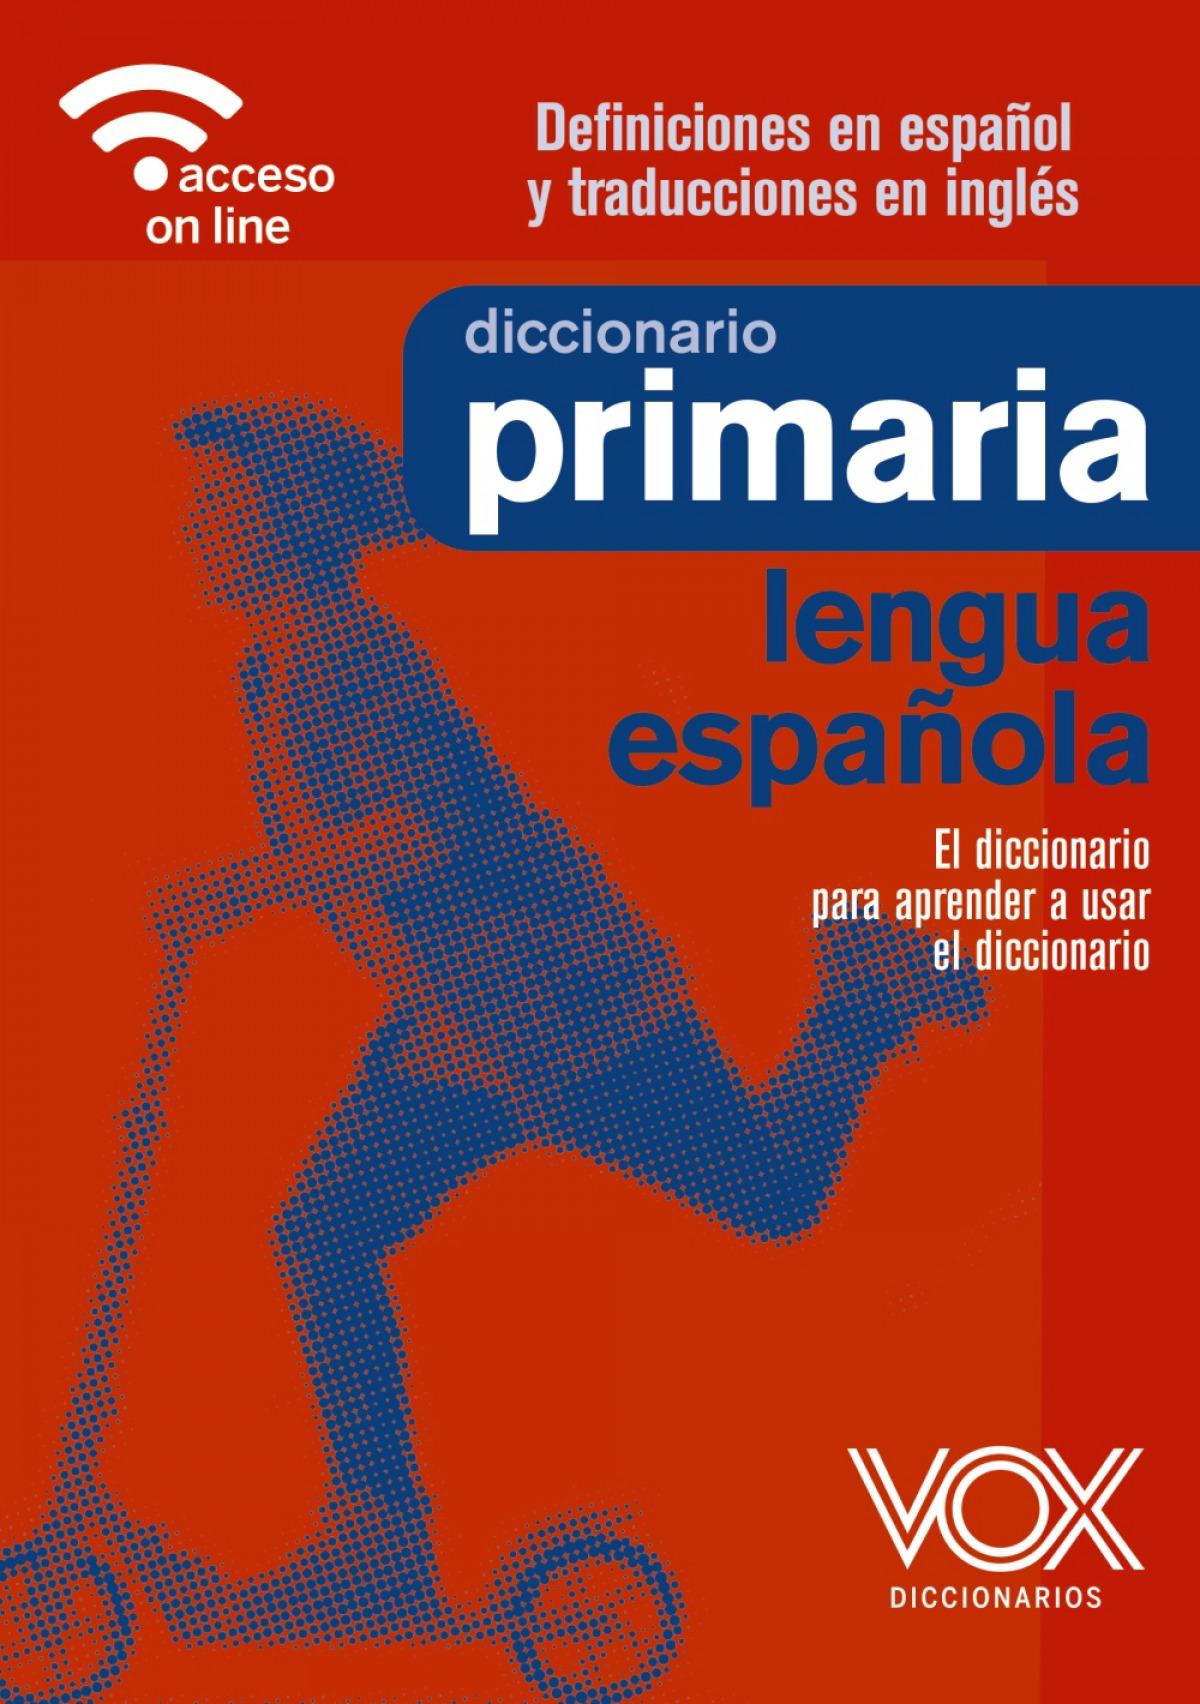 DICCIONARIO DE PRIMARIA 9788499743400